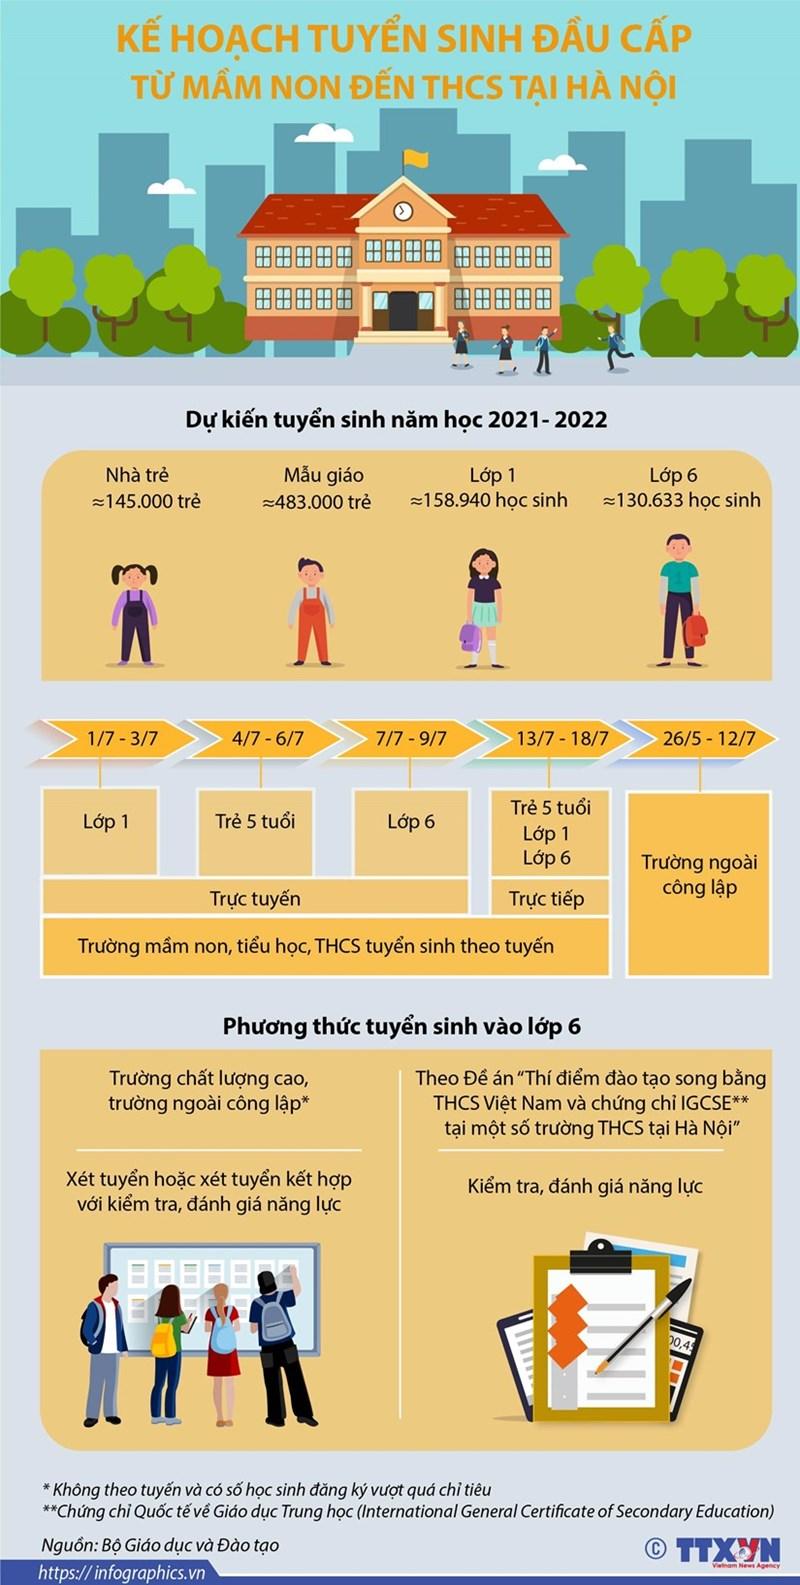 [Infographics] Kế hoạch tuyển sinh đầu cấp từ mầm non đến Trung học cơ sở tại Hà Nội năm học 2021-2022 - Ảnh 1